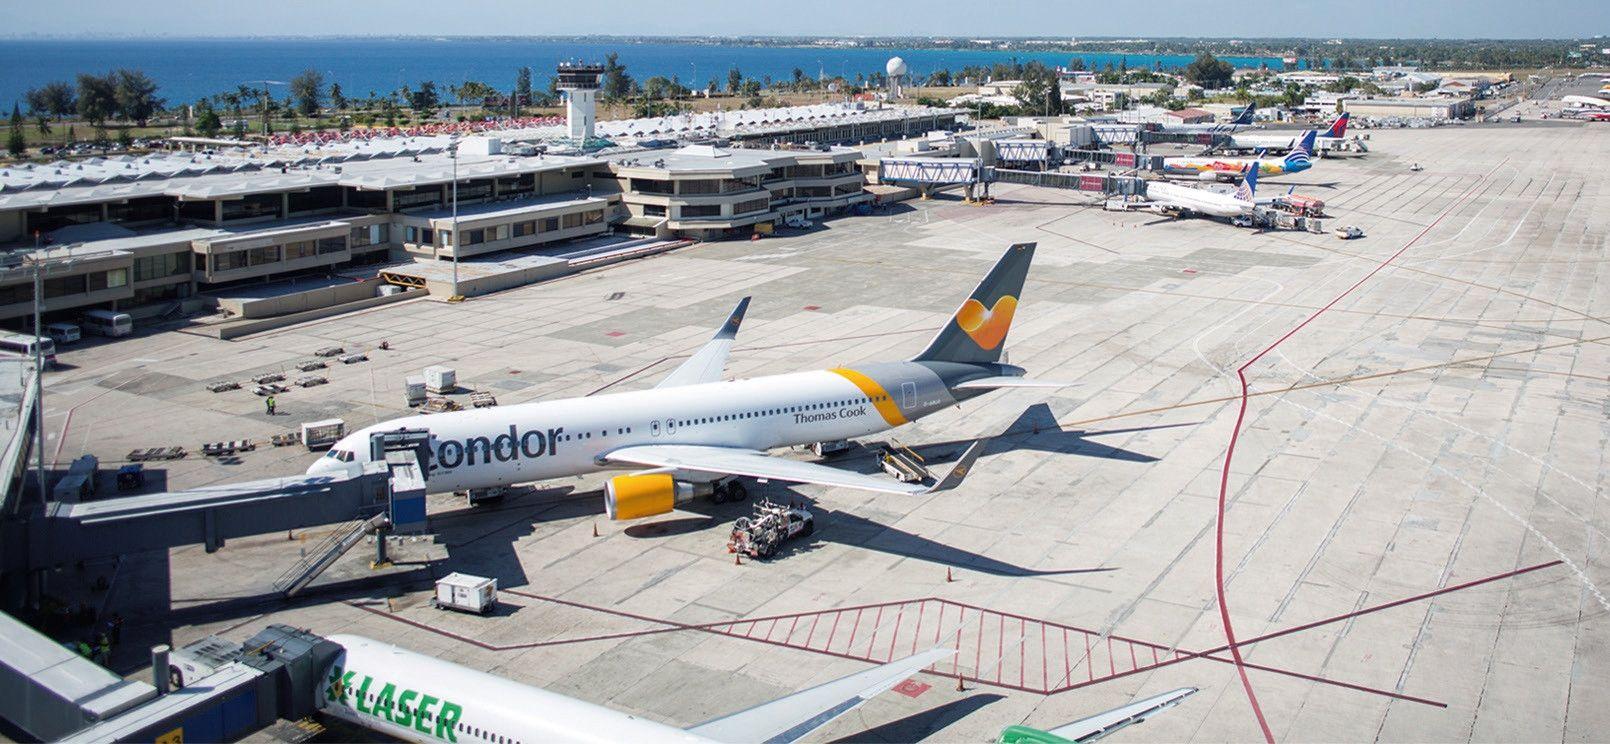 Industria del turismo, una dinámica de crecimiento sostenido / Aerodom